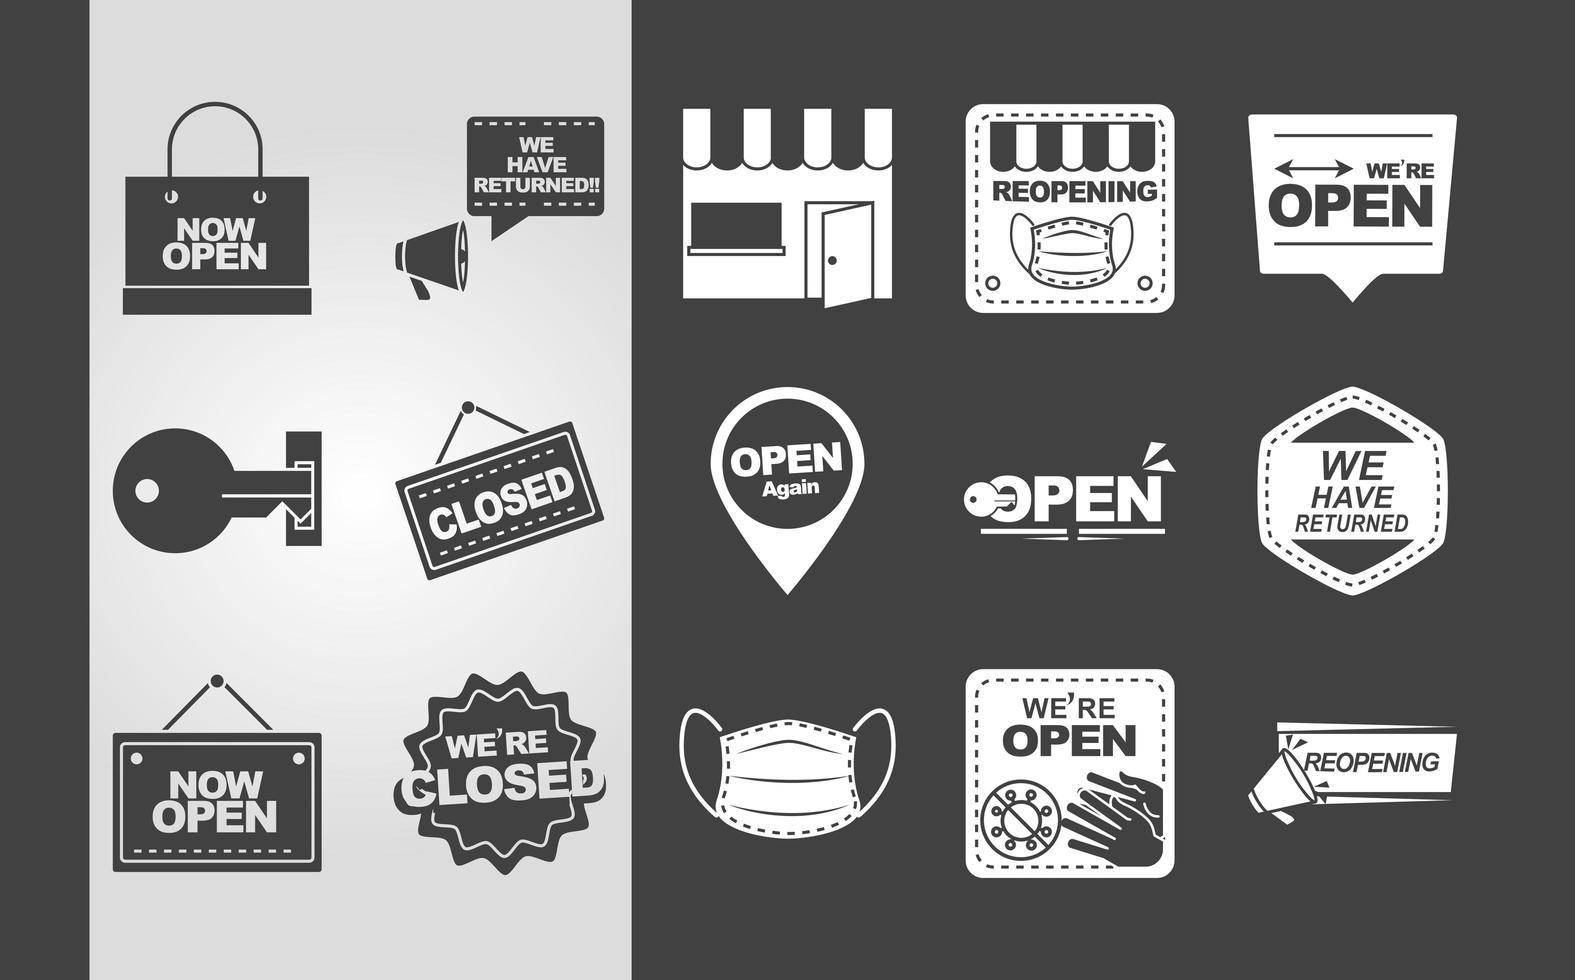 enseignes et panneaux pour la collection d'ouverture d'entreprise vecteur